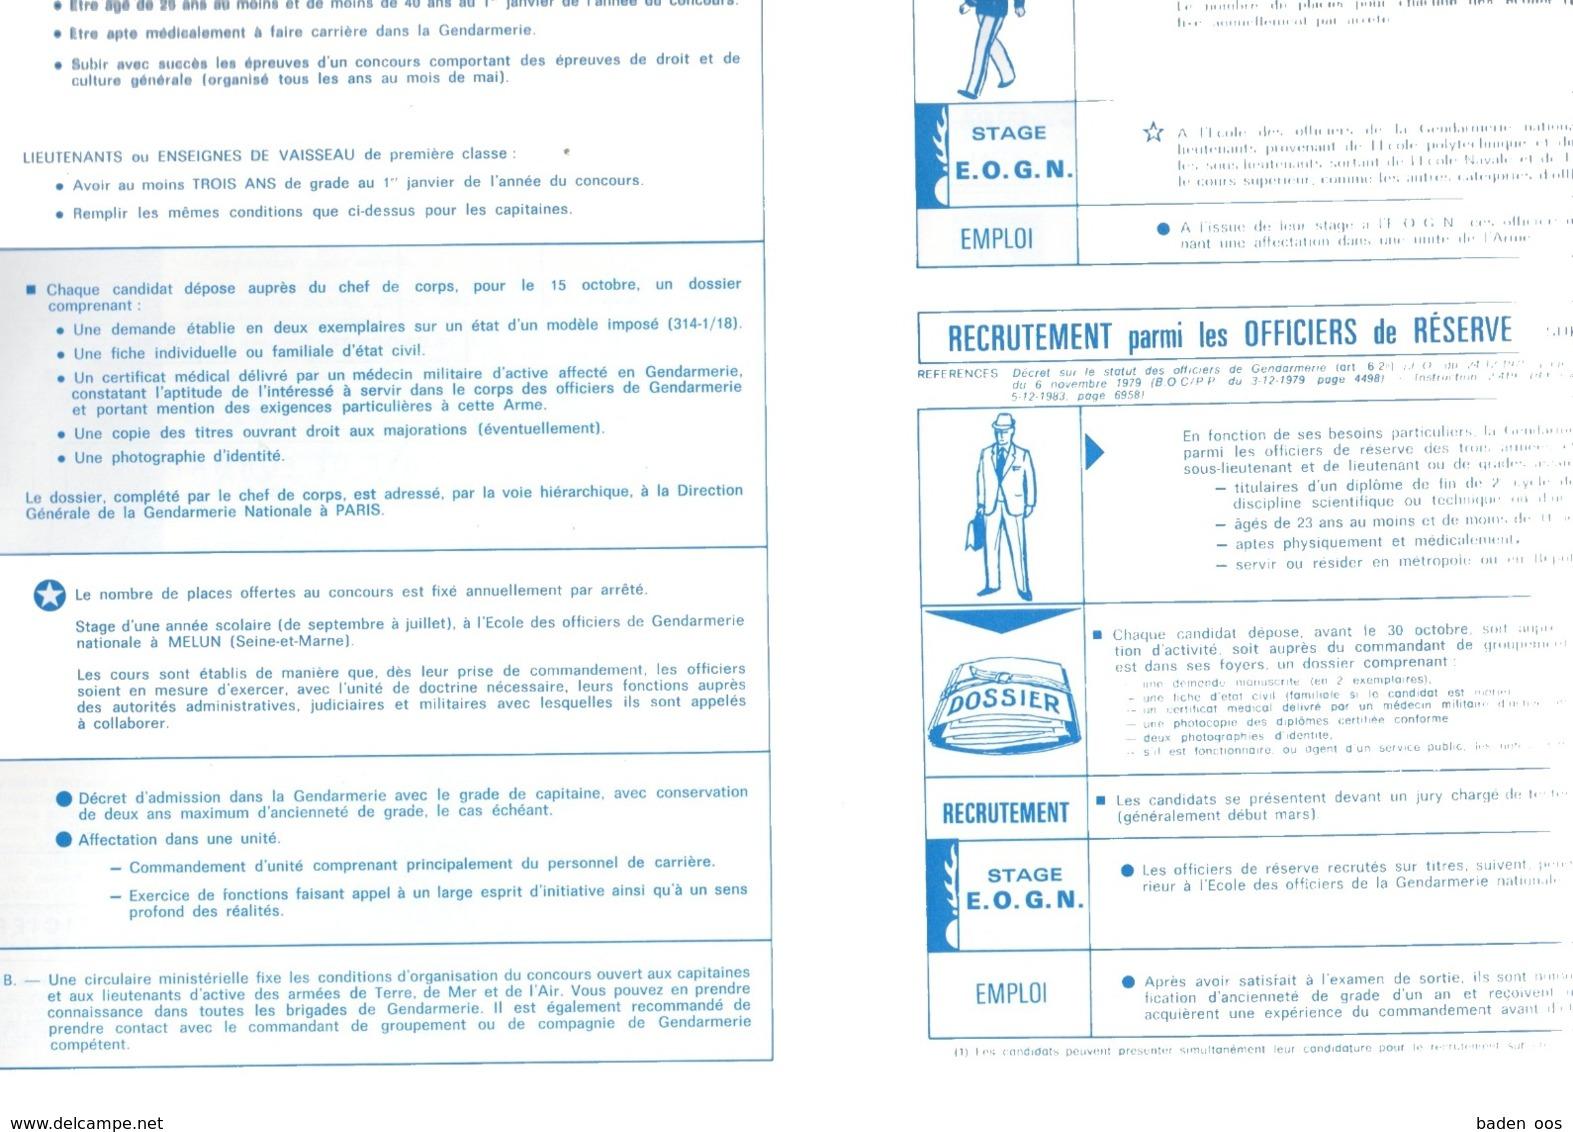 Gendarmerie Nationale Brochure Recrutement - Politie & Rijkswacht